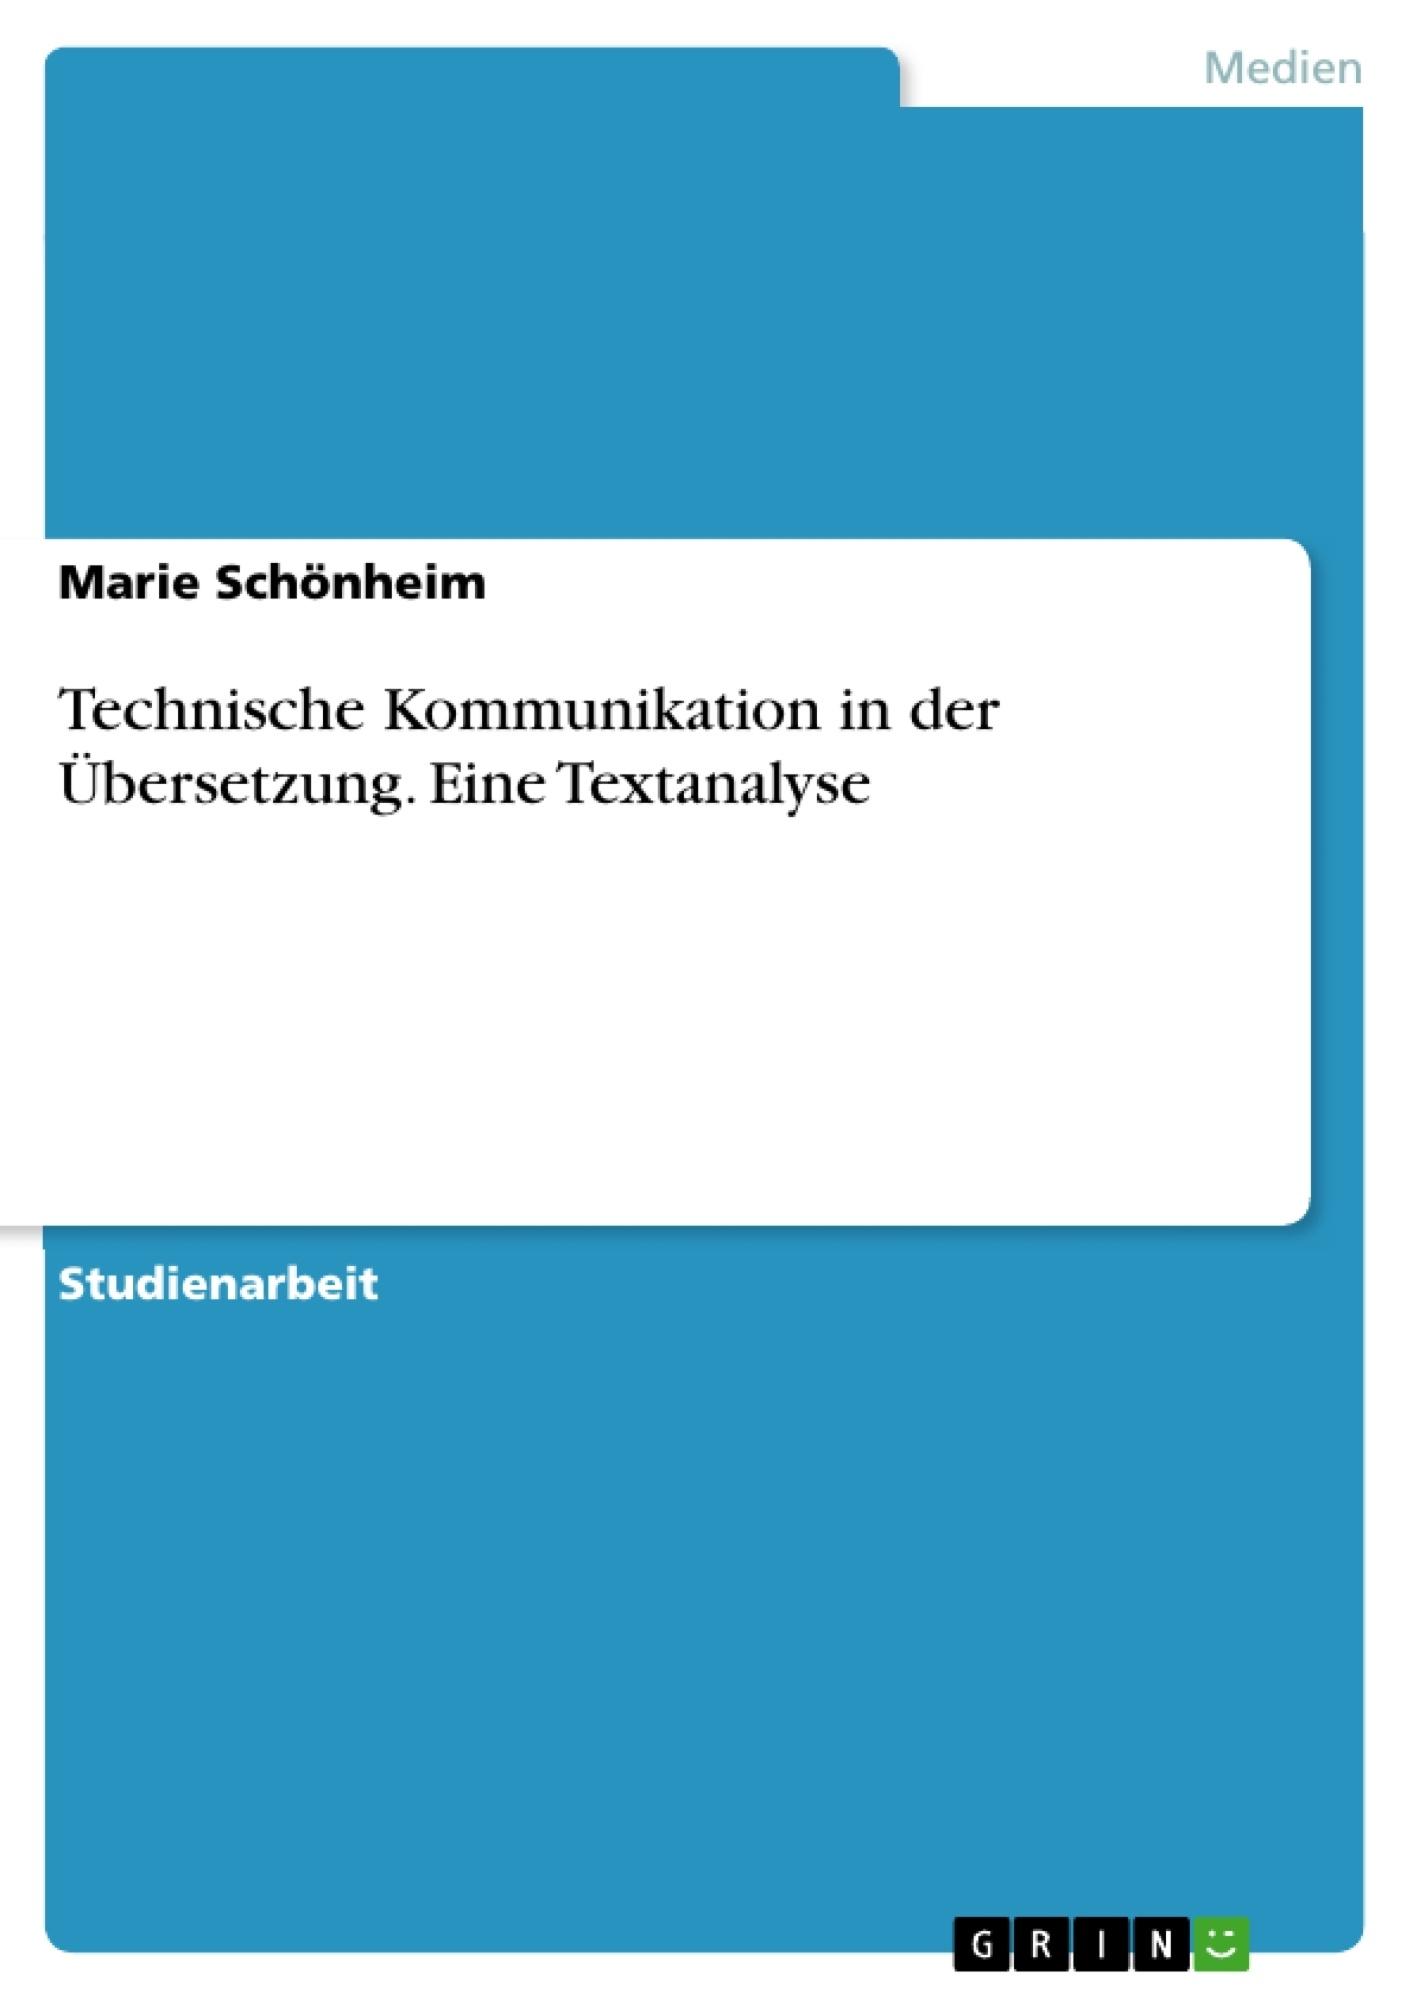 Titel: Technische Kommunikation in der Übersetzung. Eine Textanalyse